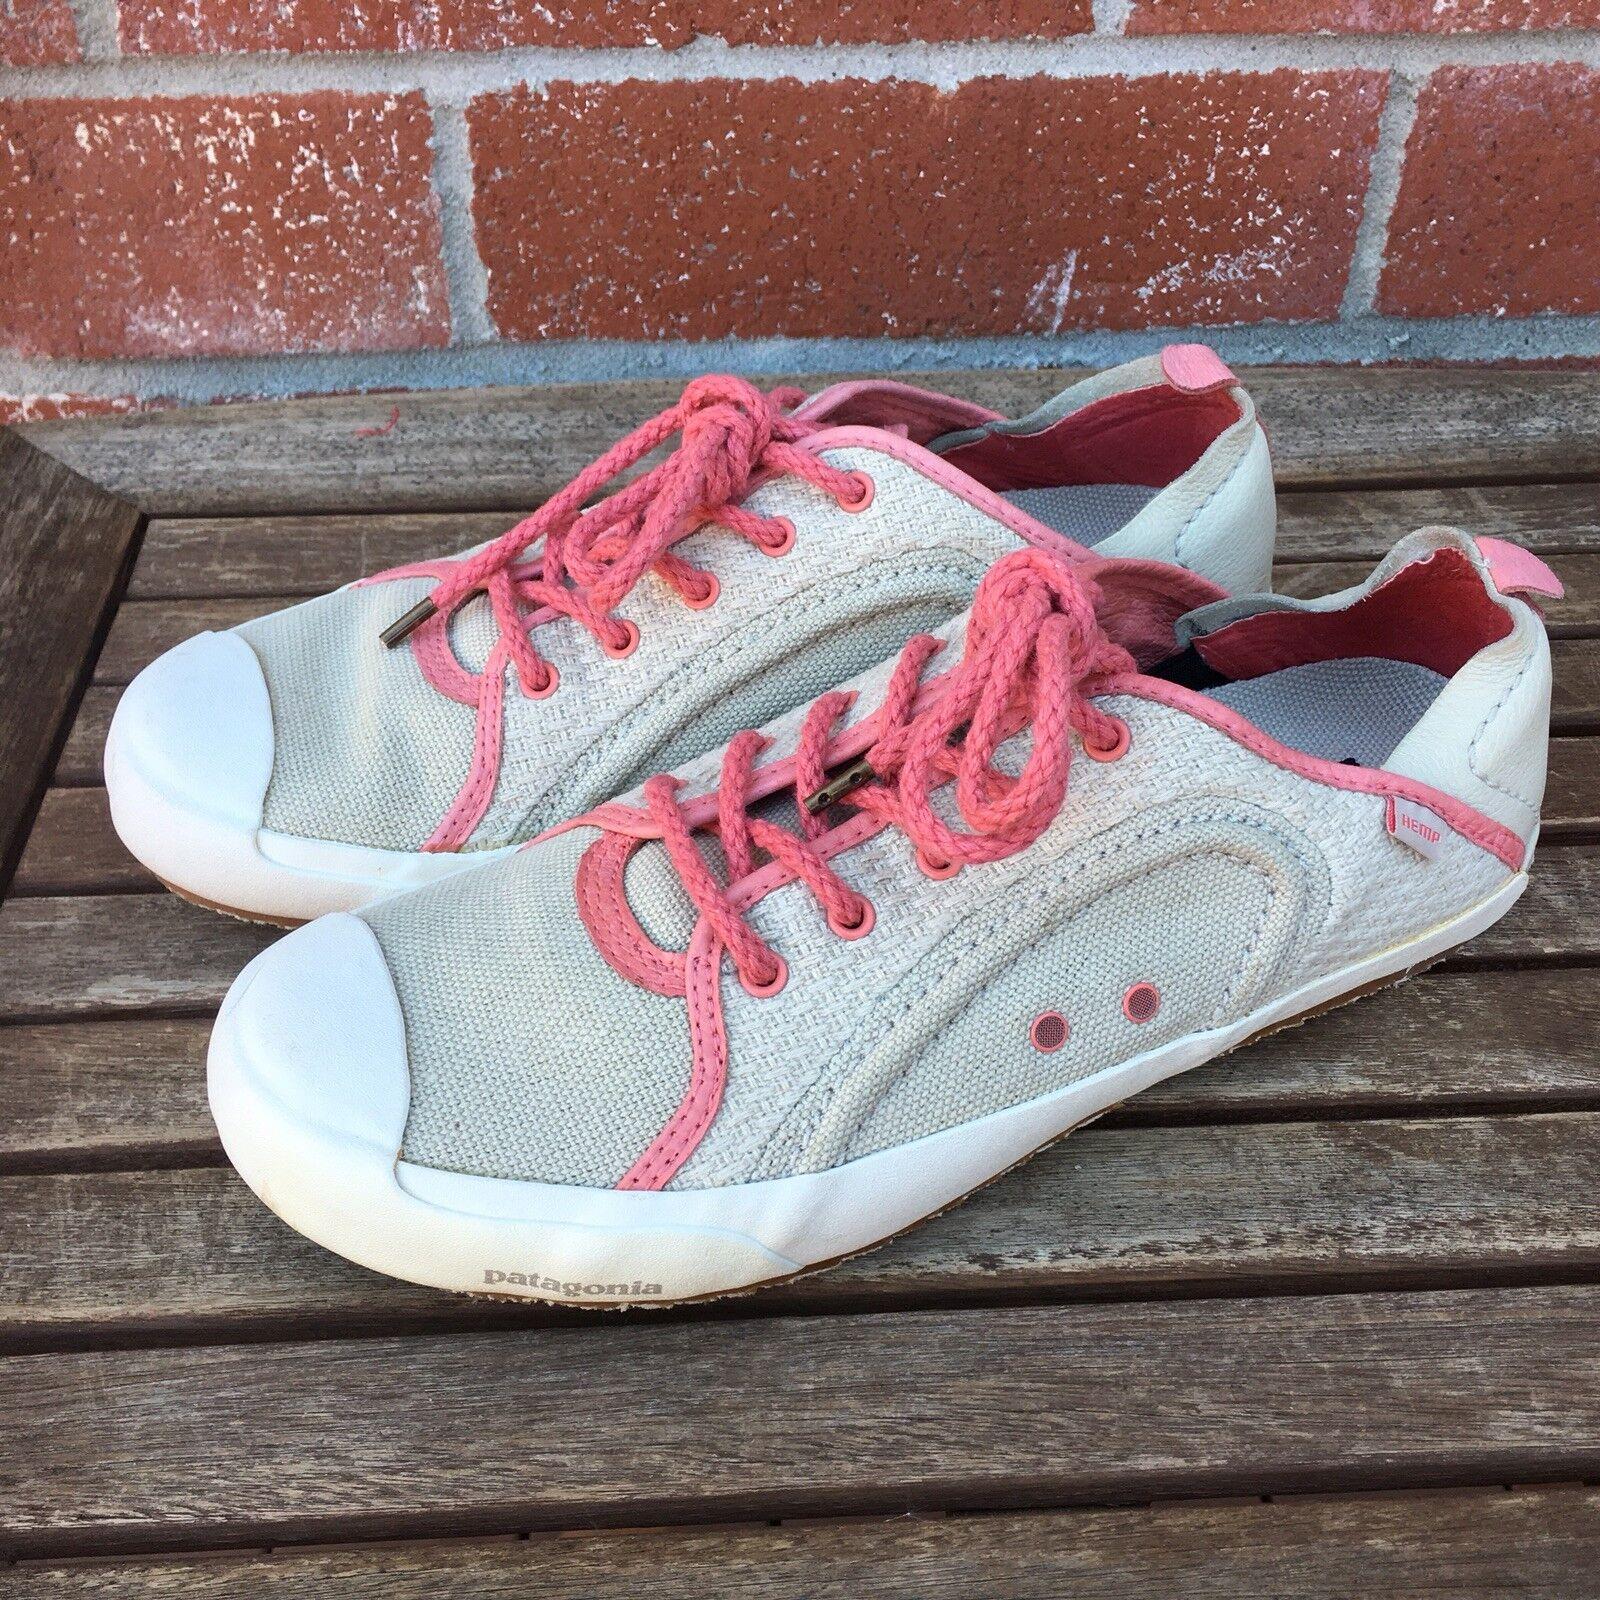 Patagonia Hemp Lace Up shoes Patrol Tenny Tennis Sneakers Slip On Pink Beige Sz..